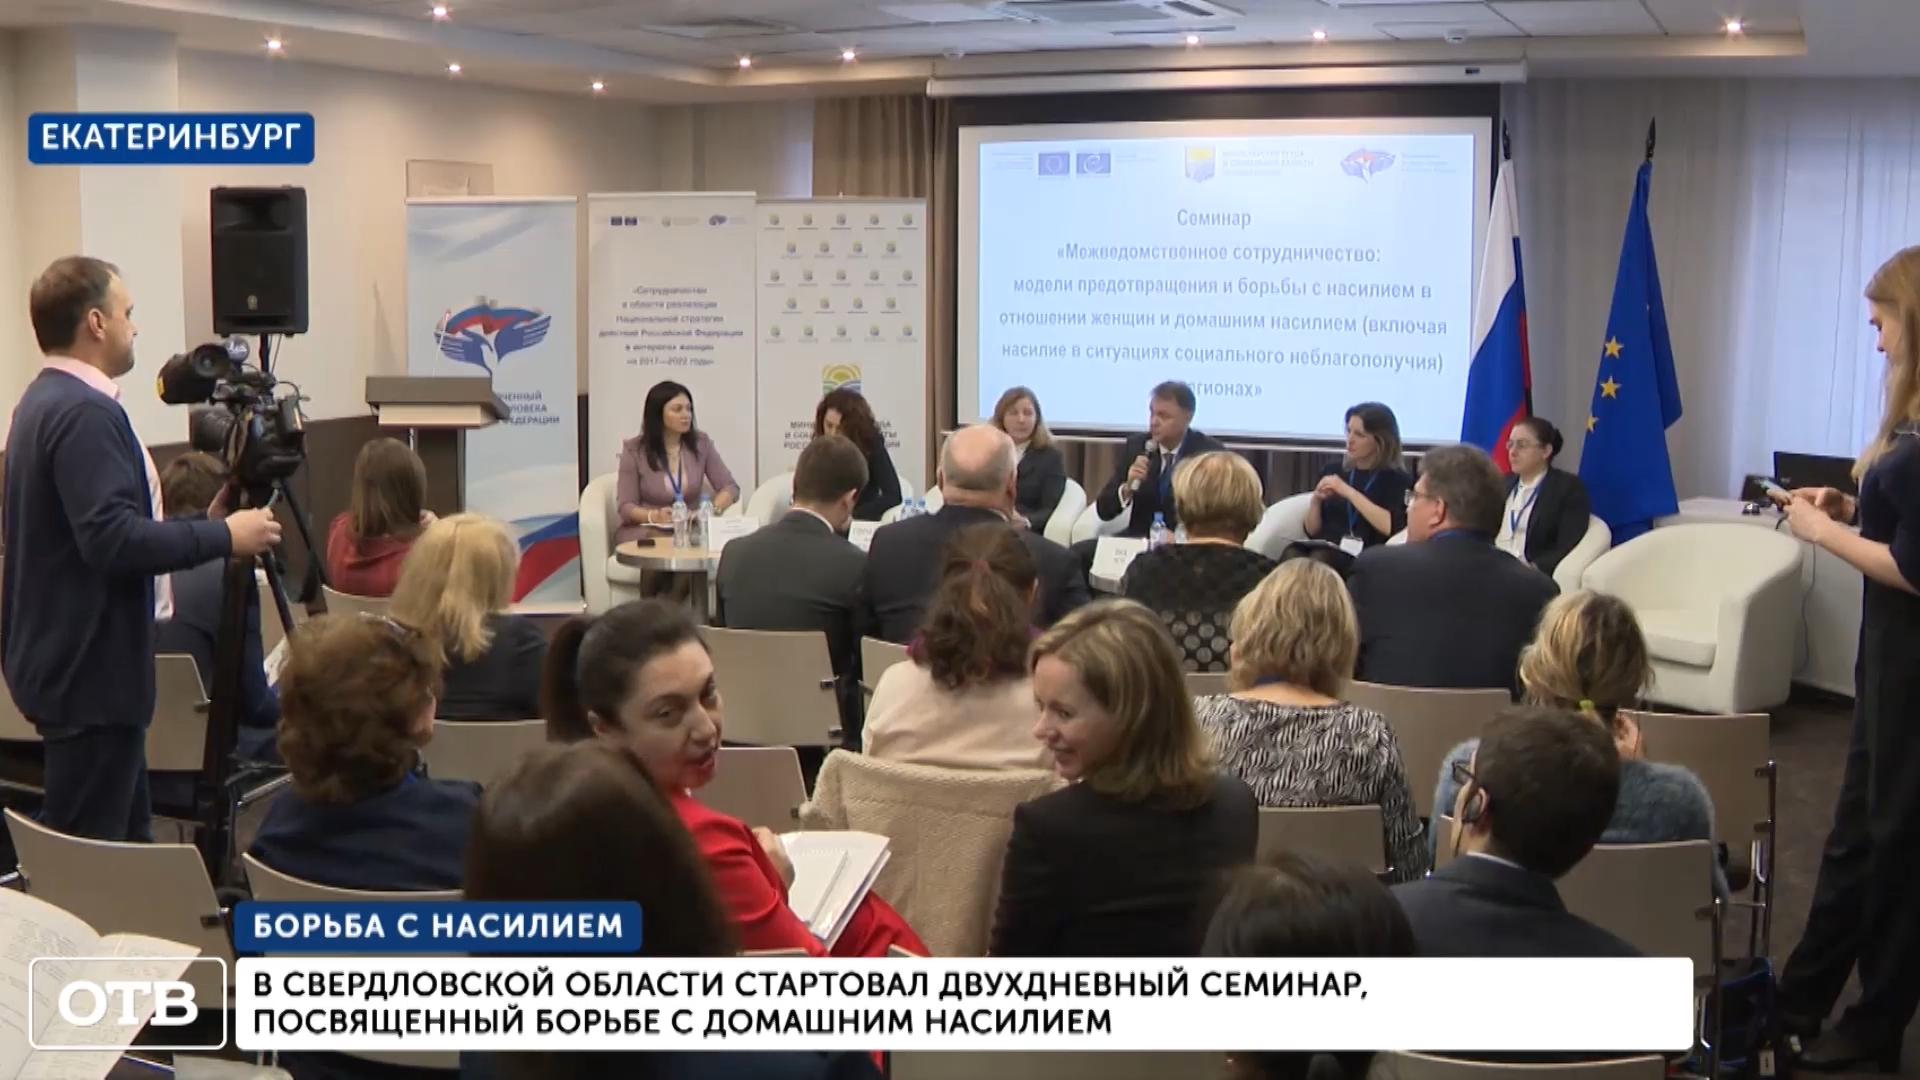 20200218_20-02-В Екатеринбурге стартовал двухдневный семинар по борьбе с домашним насилием-pic10